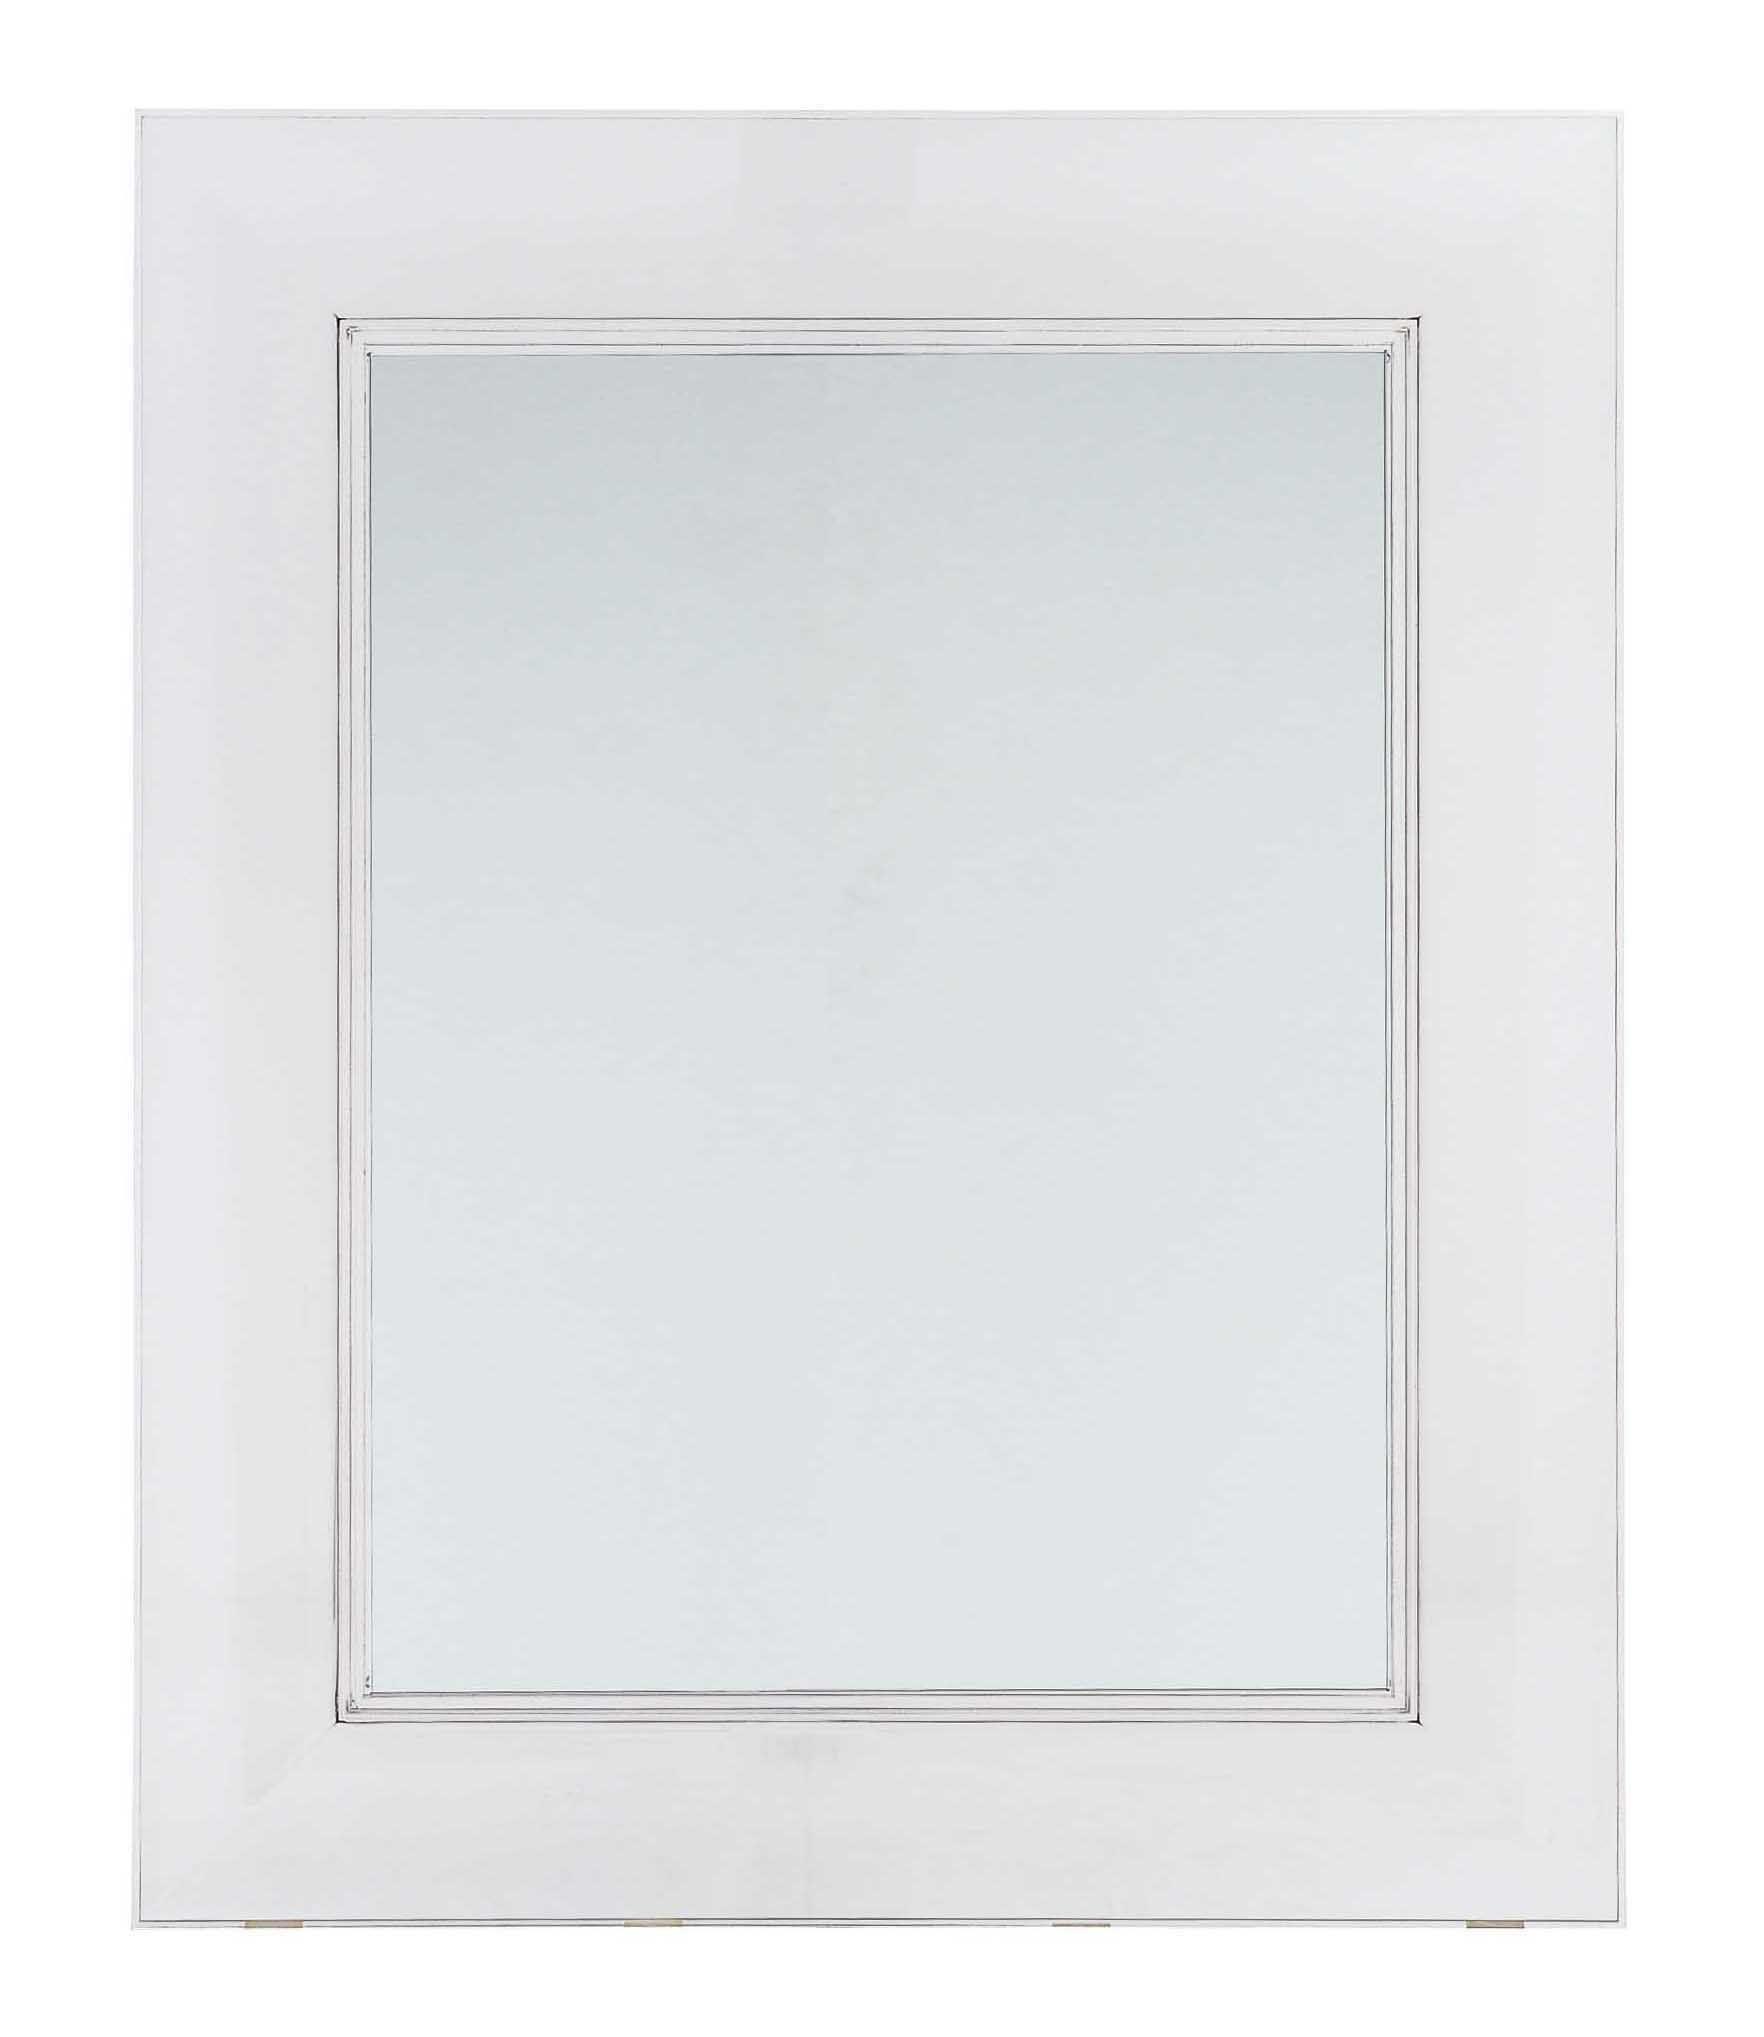 Mobilier - Compléments d'ameublement - Miroir mural Francois Ghost / 65 x 79 cm - Kartell - Cristal - Polycarbonate